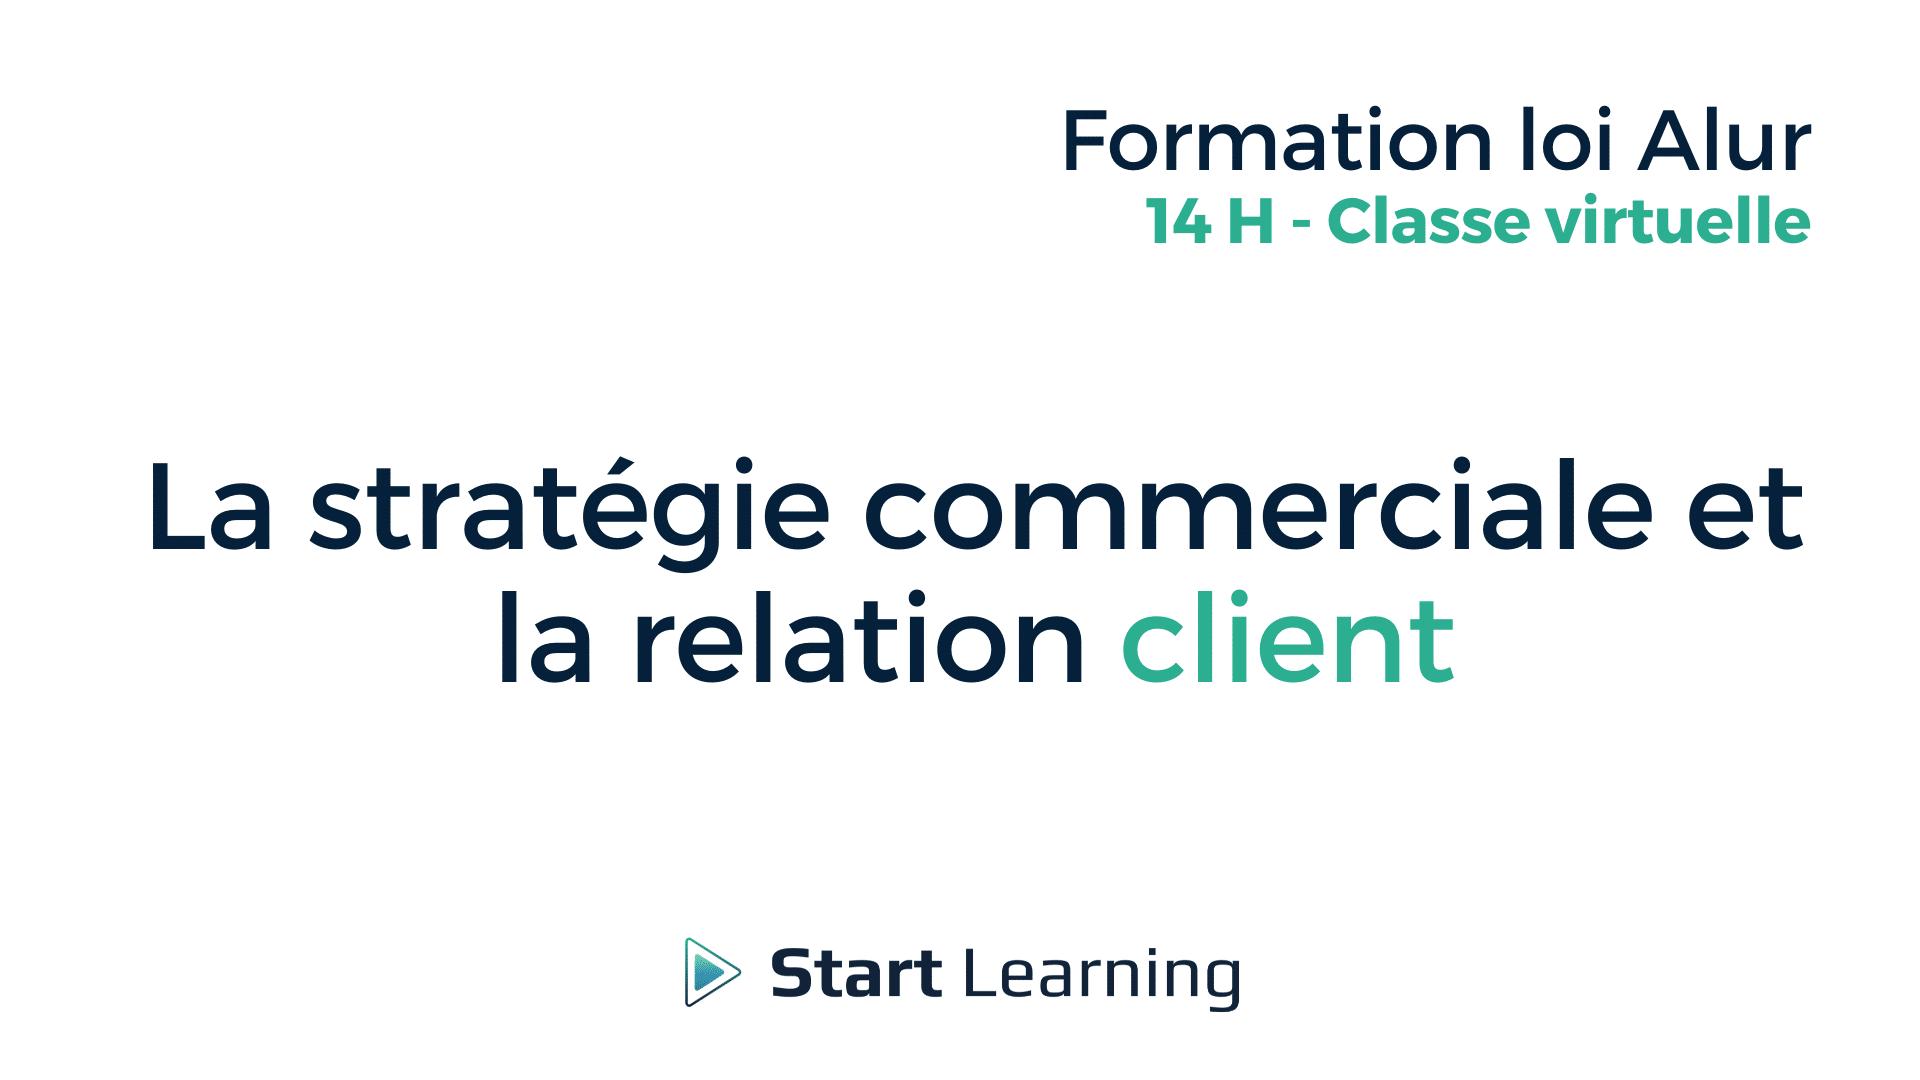 Formation loi Alur Classe Virtuelle - La stratégie commerciale et la relation client